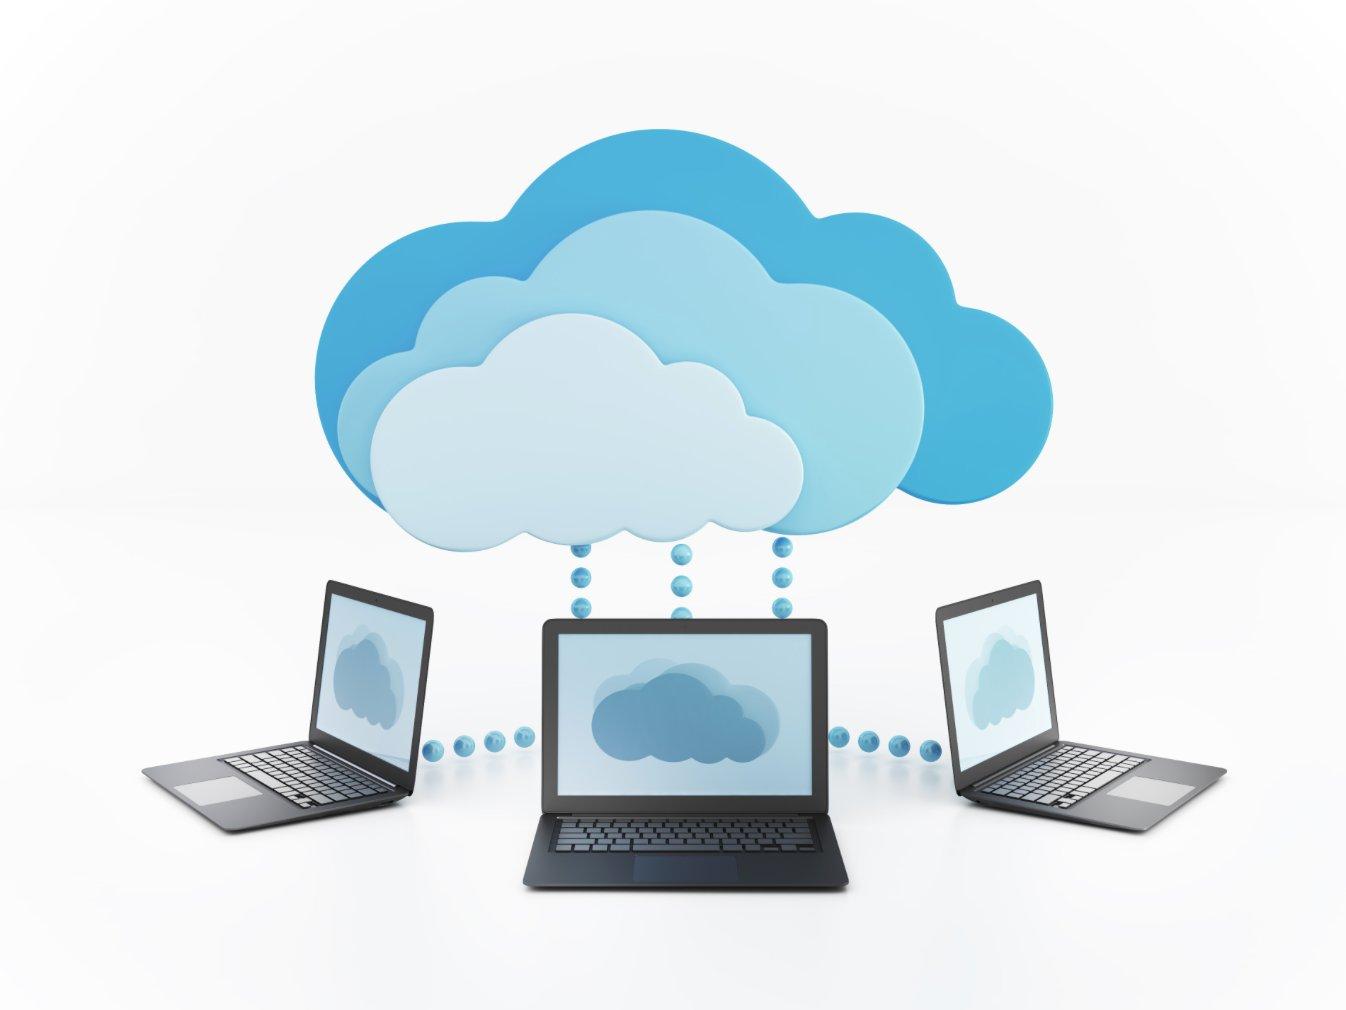 Cloud Computing - Confira 9 cursos incríveis oferecidos pelo Google que são totalmente gratuitos